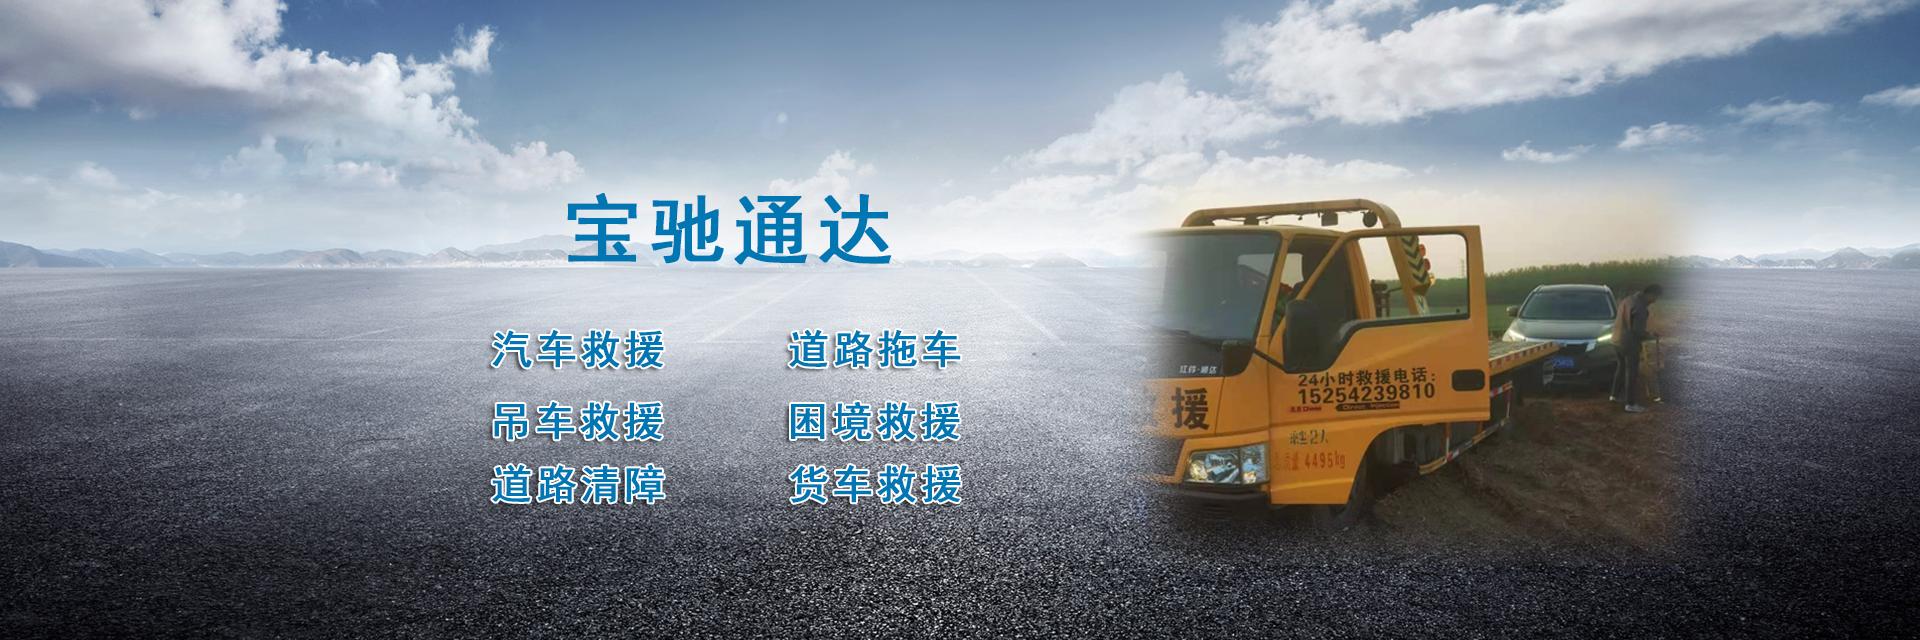 青岛拖车公司